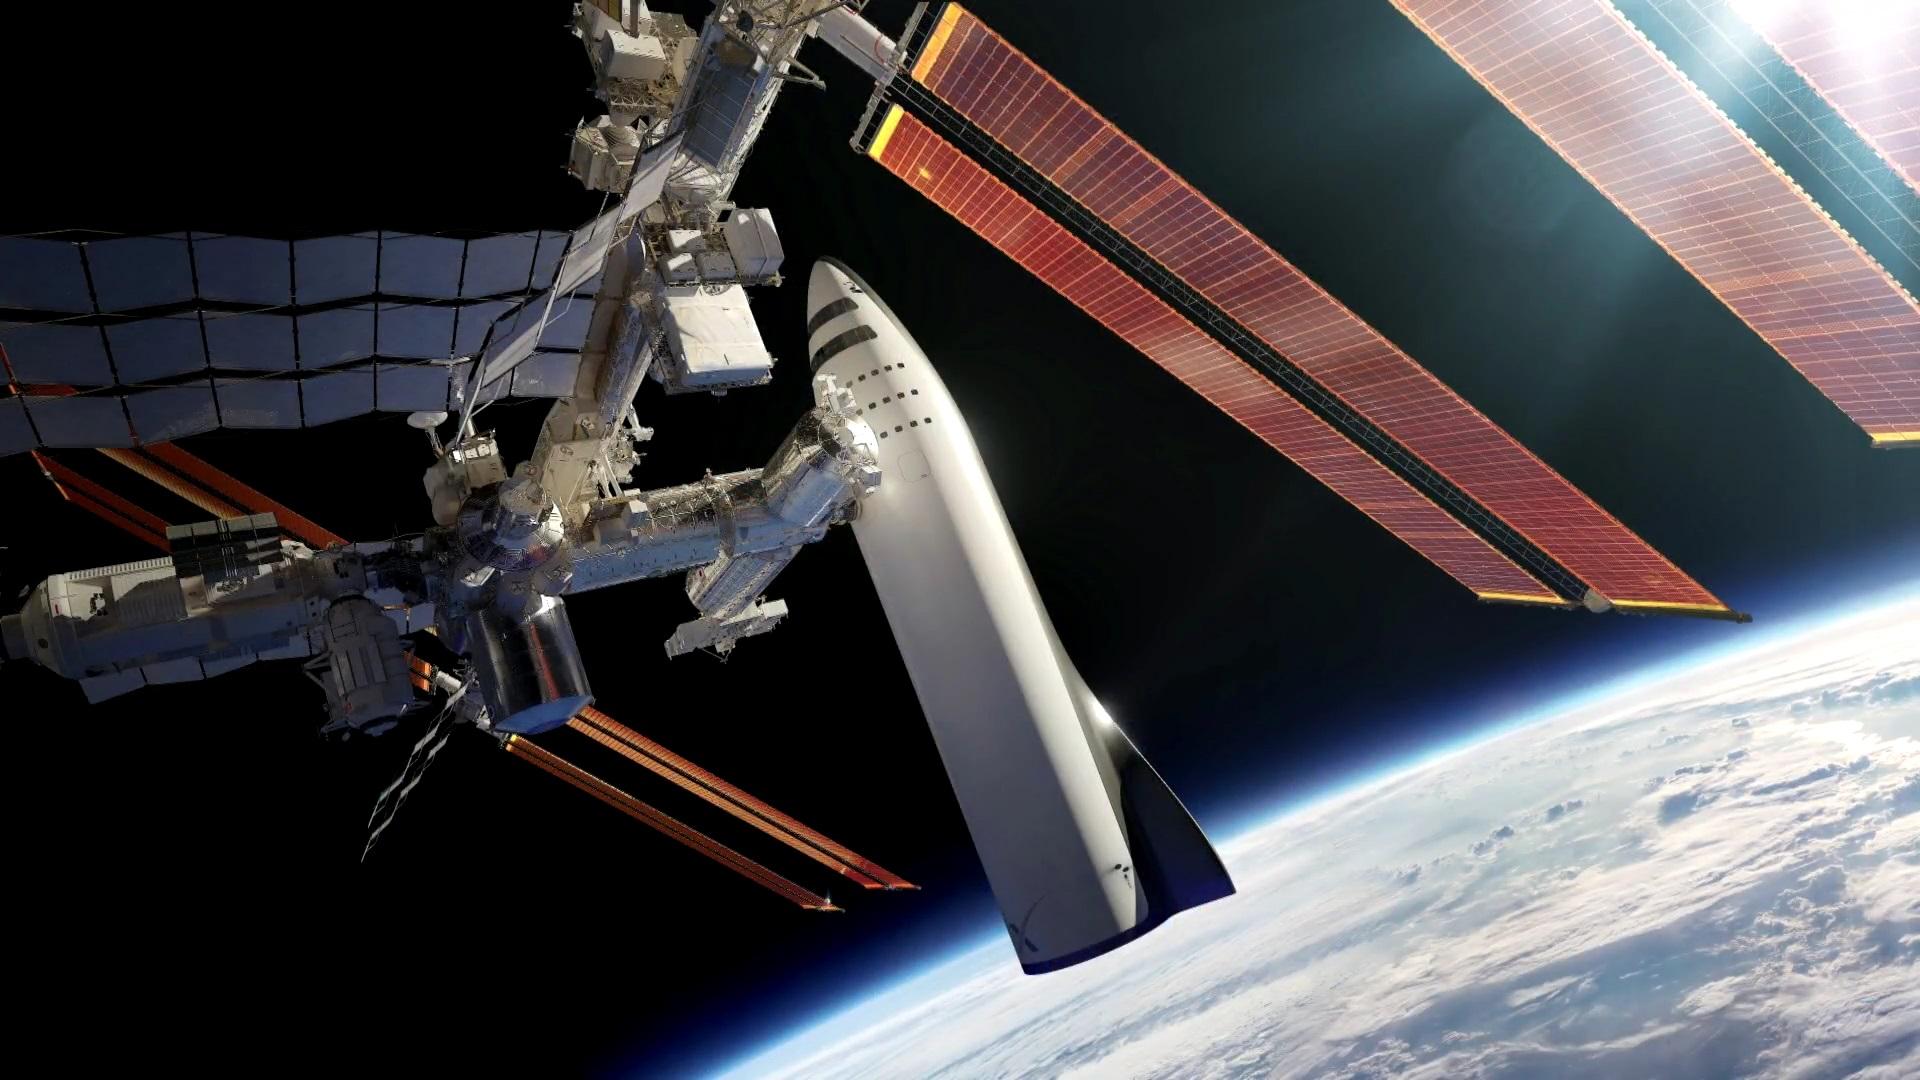 """Choć Międzynarodowa Stacja Kosmiczna wygląda przy Big Falcon Rocket dosyć niepozornie, a nawet wręcz komicznie, Musk zapewnił – """"To będzie działać""""."""